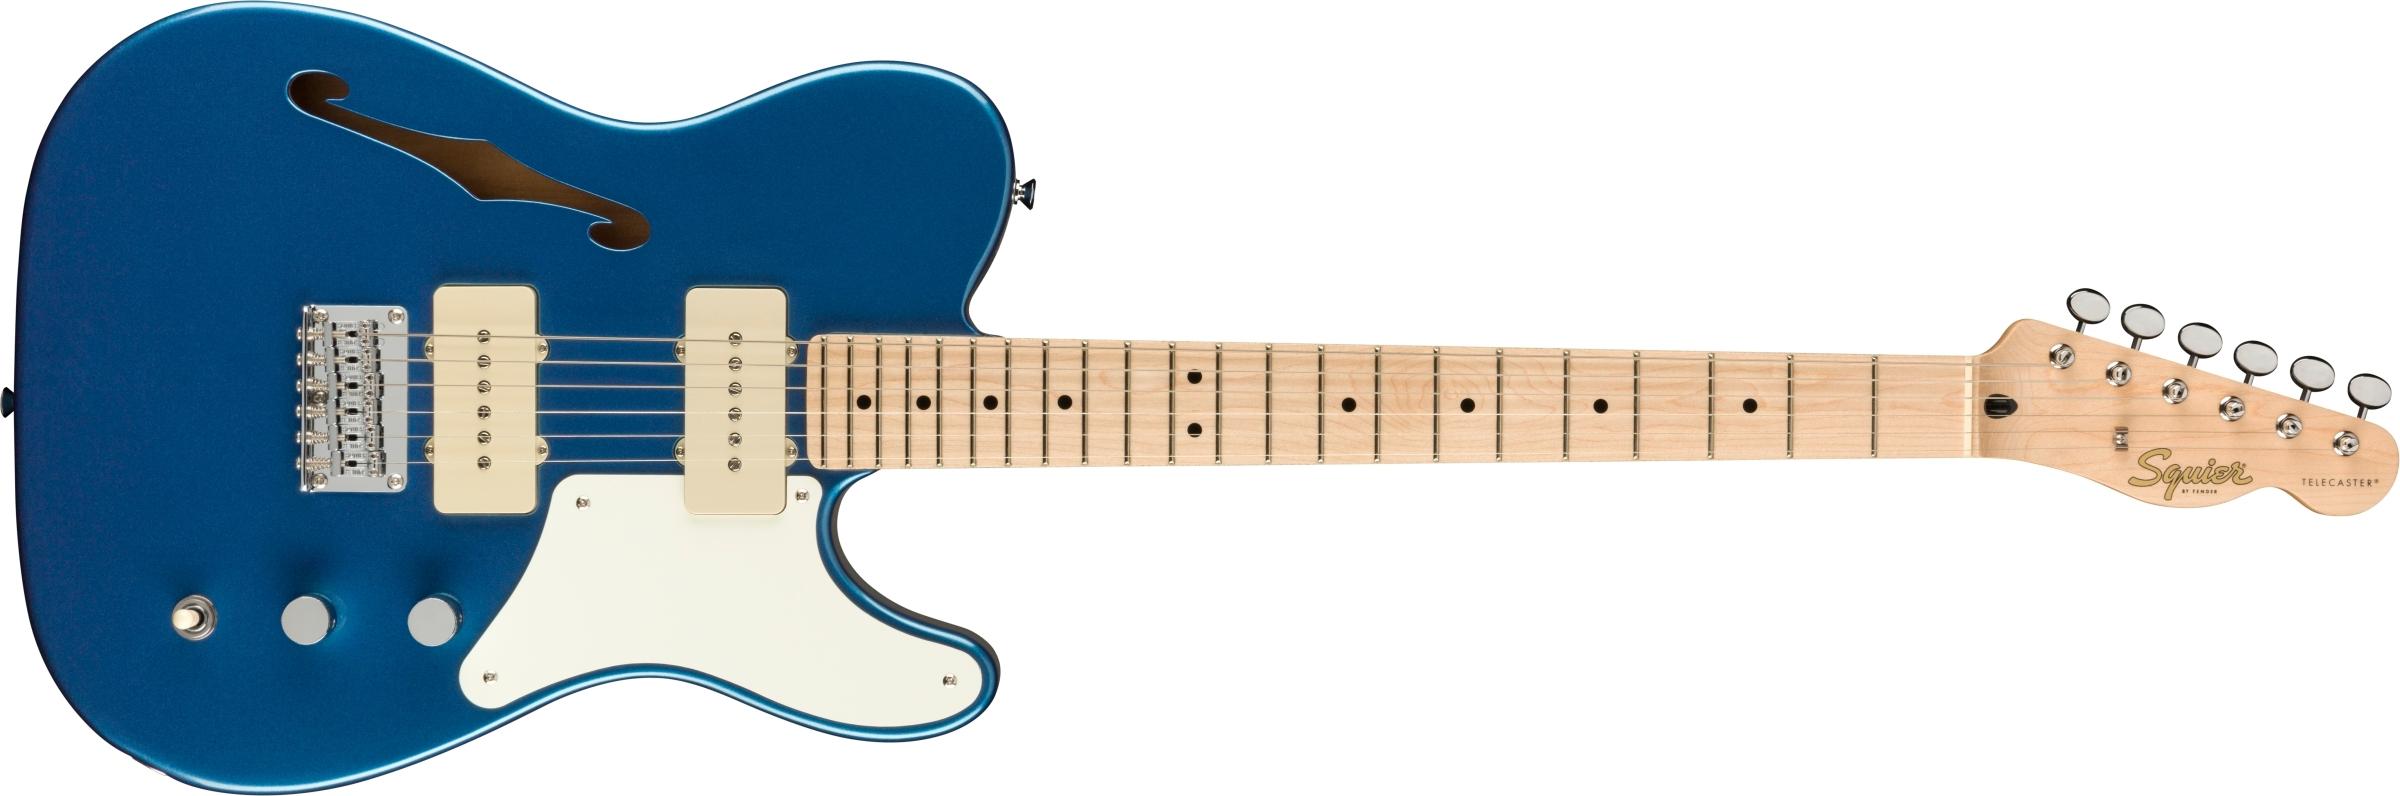 ギターの絵  自動的に生成された説明